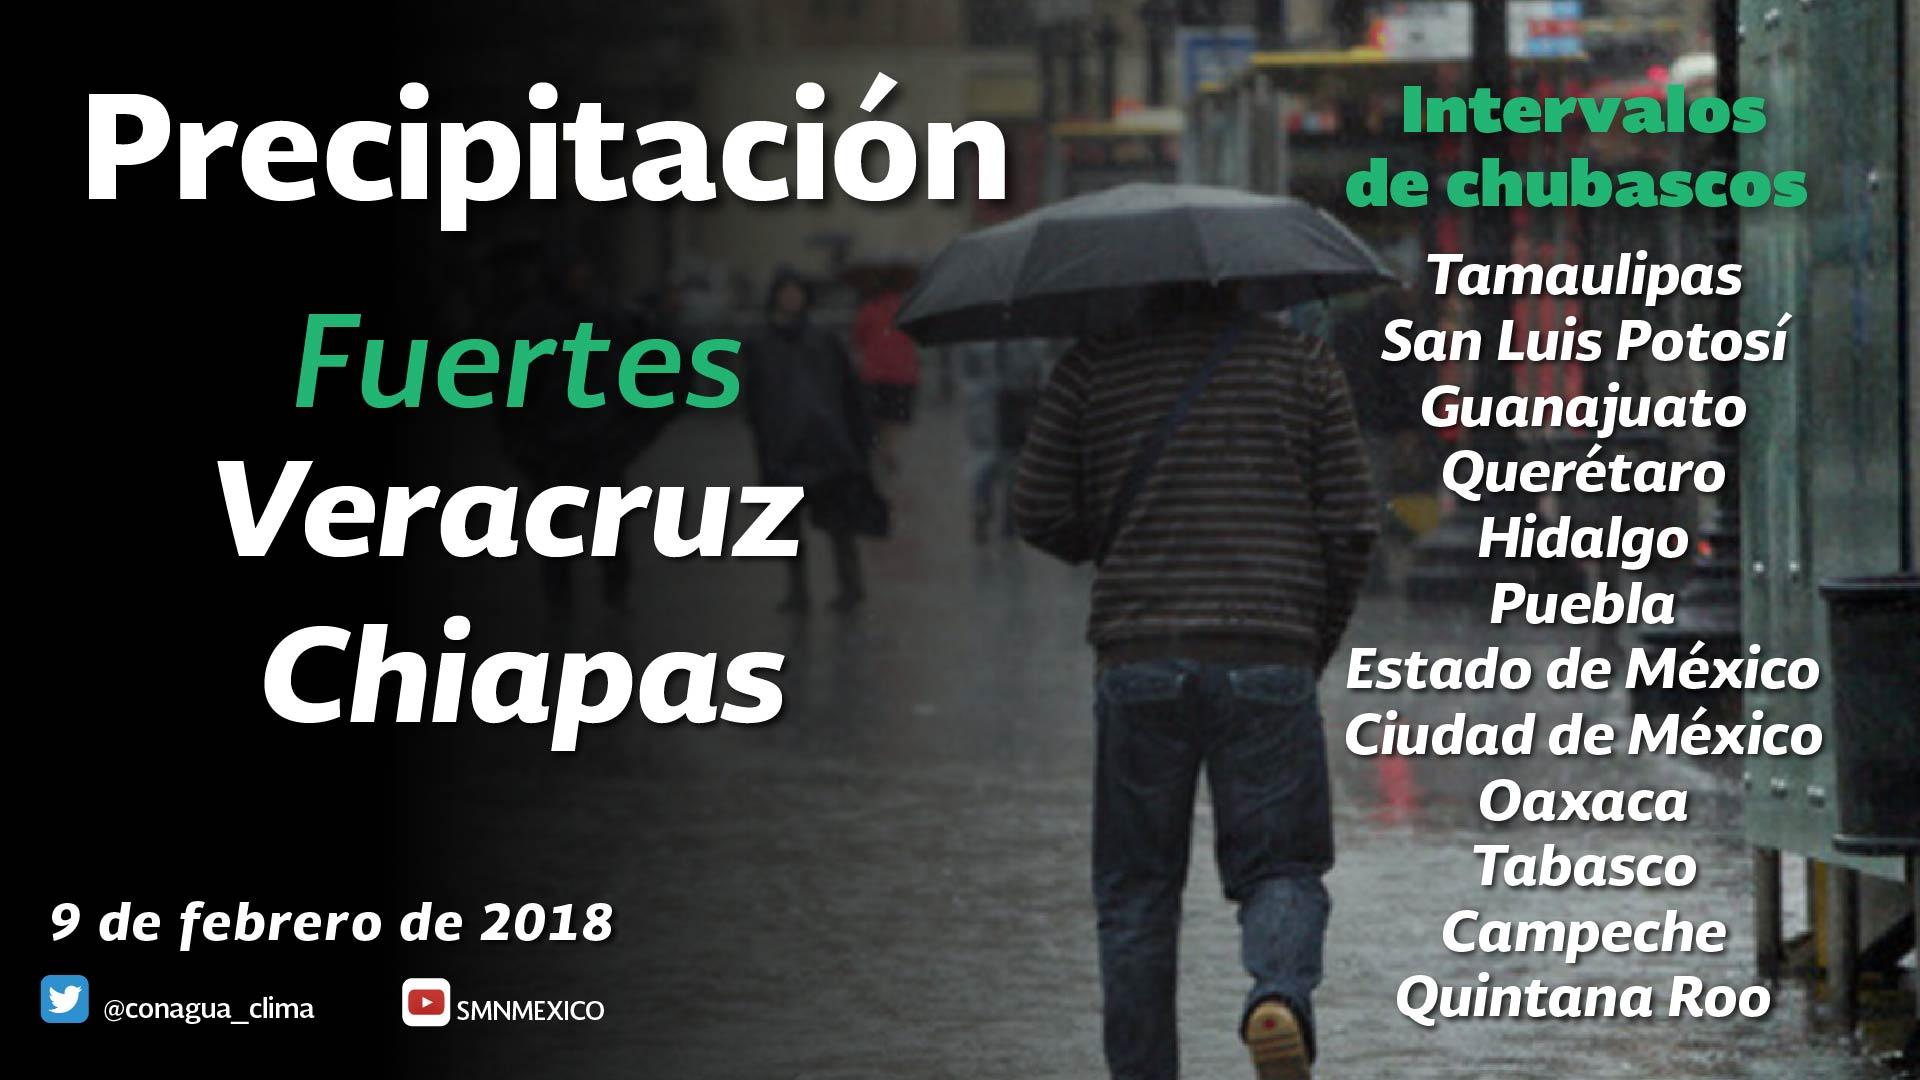 Prevalecerá el ambiente templado a fresco durante el día para Tlaxcala